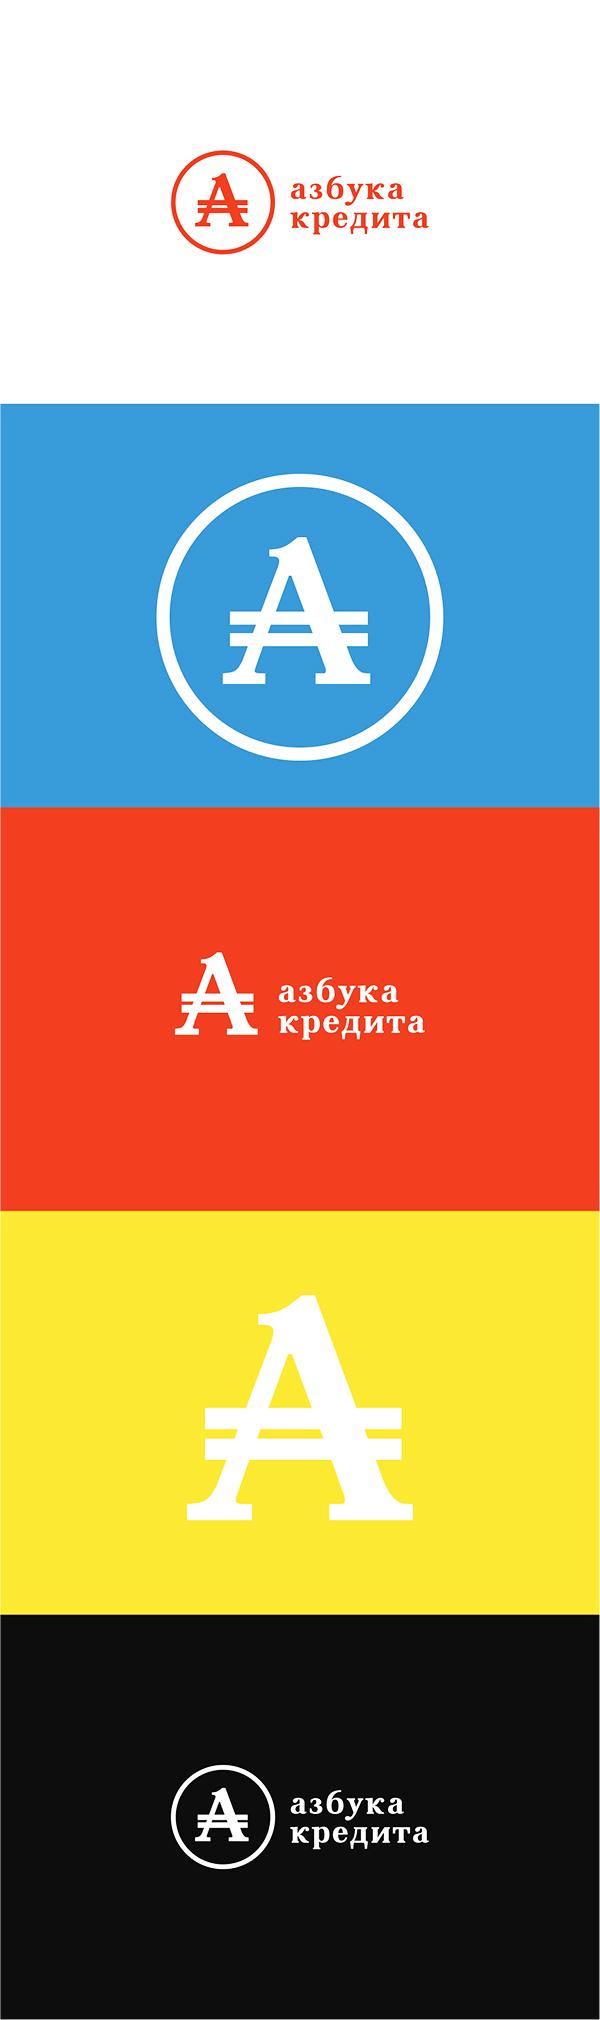 Разработать логотип для финансовой компании фото f_4025de95929d2ed9.jpg